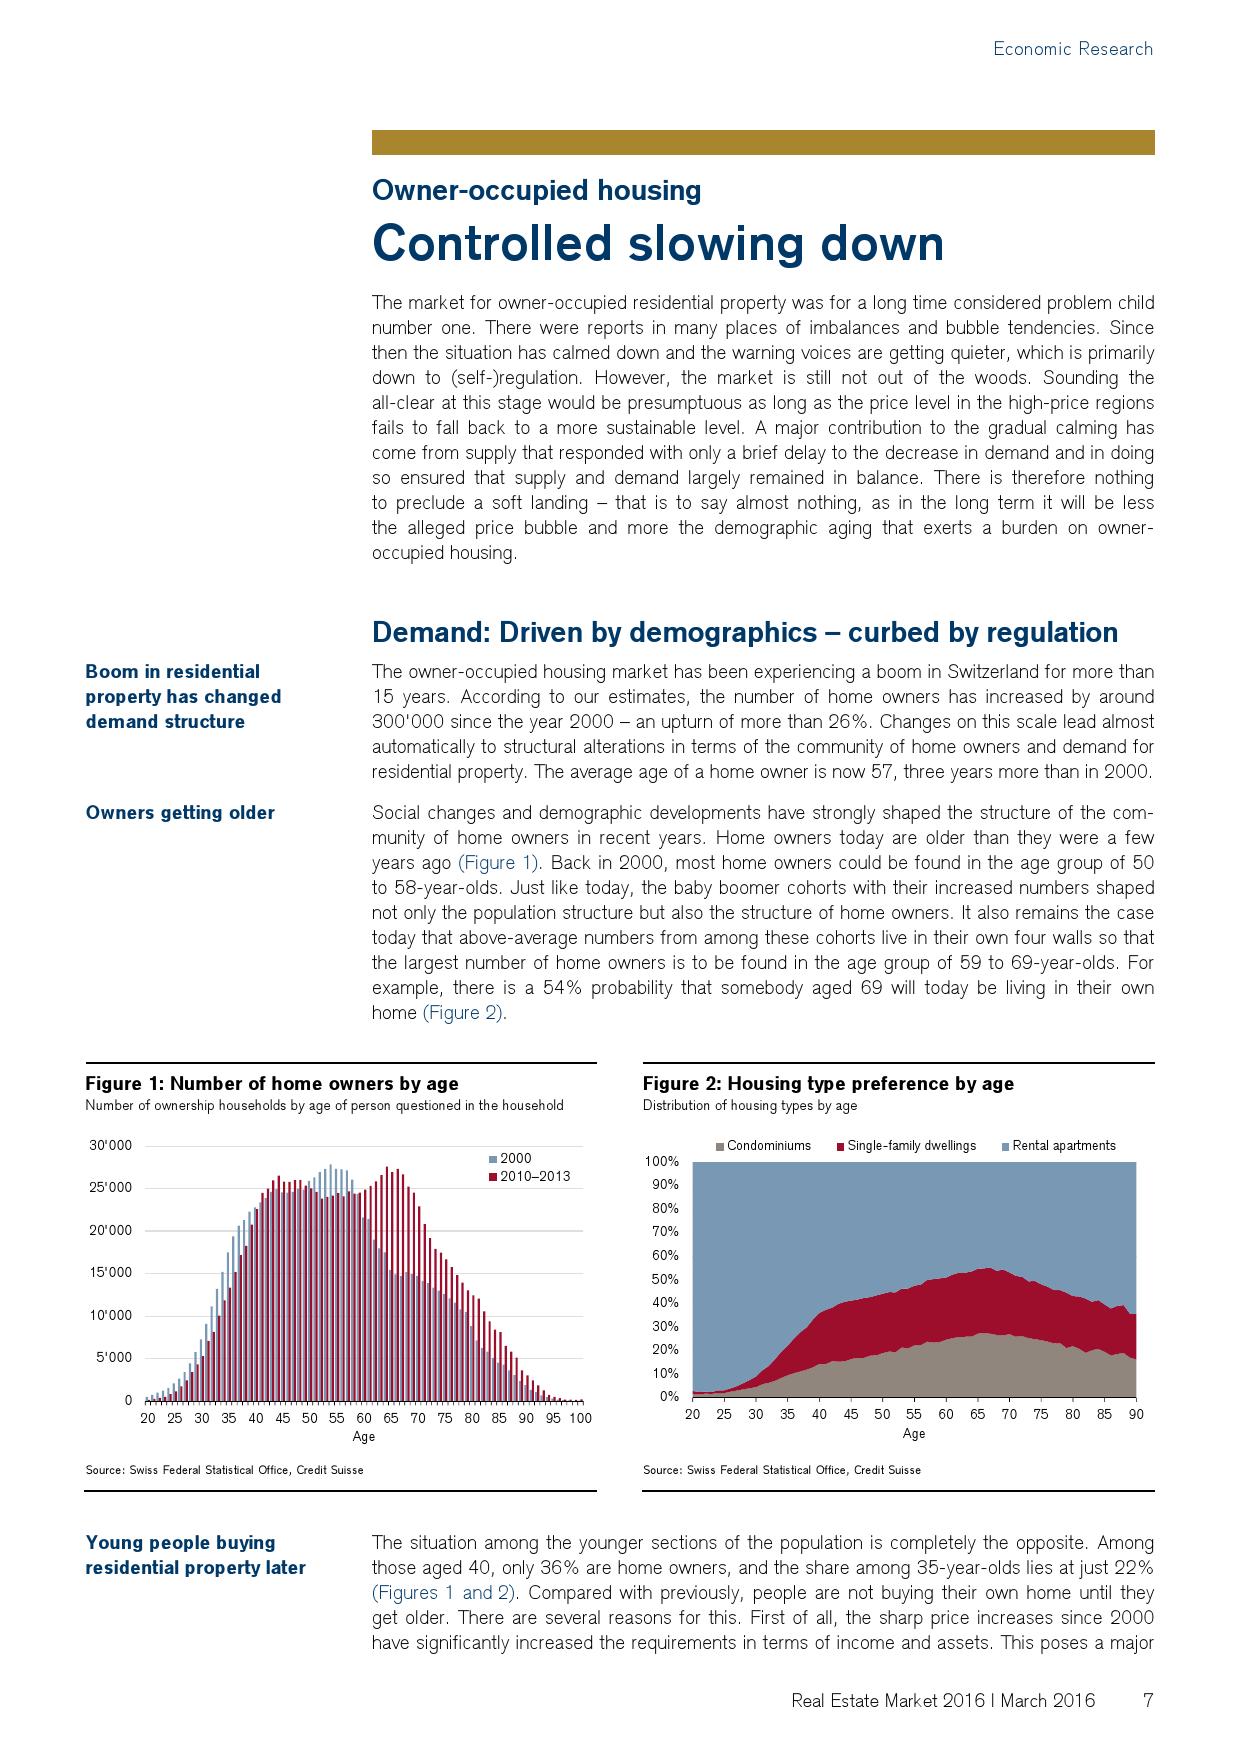 2016年瑞士房地产市场研究报告_000007